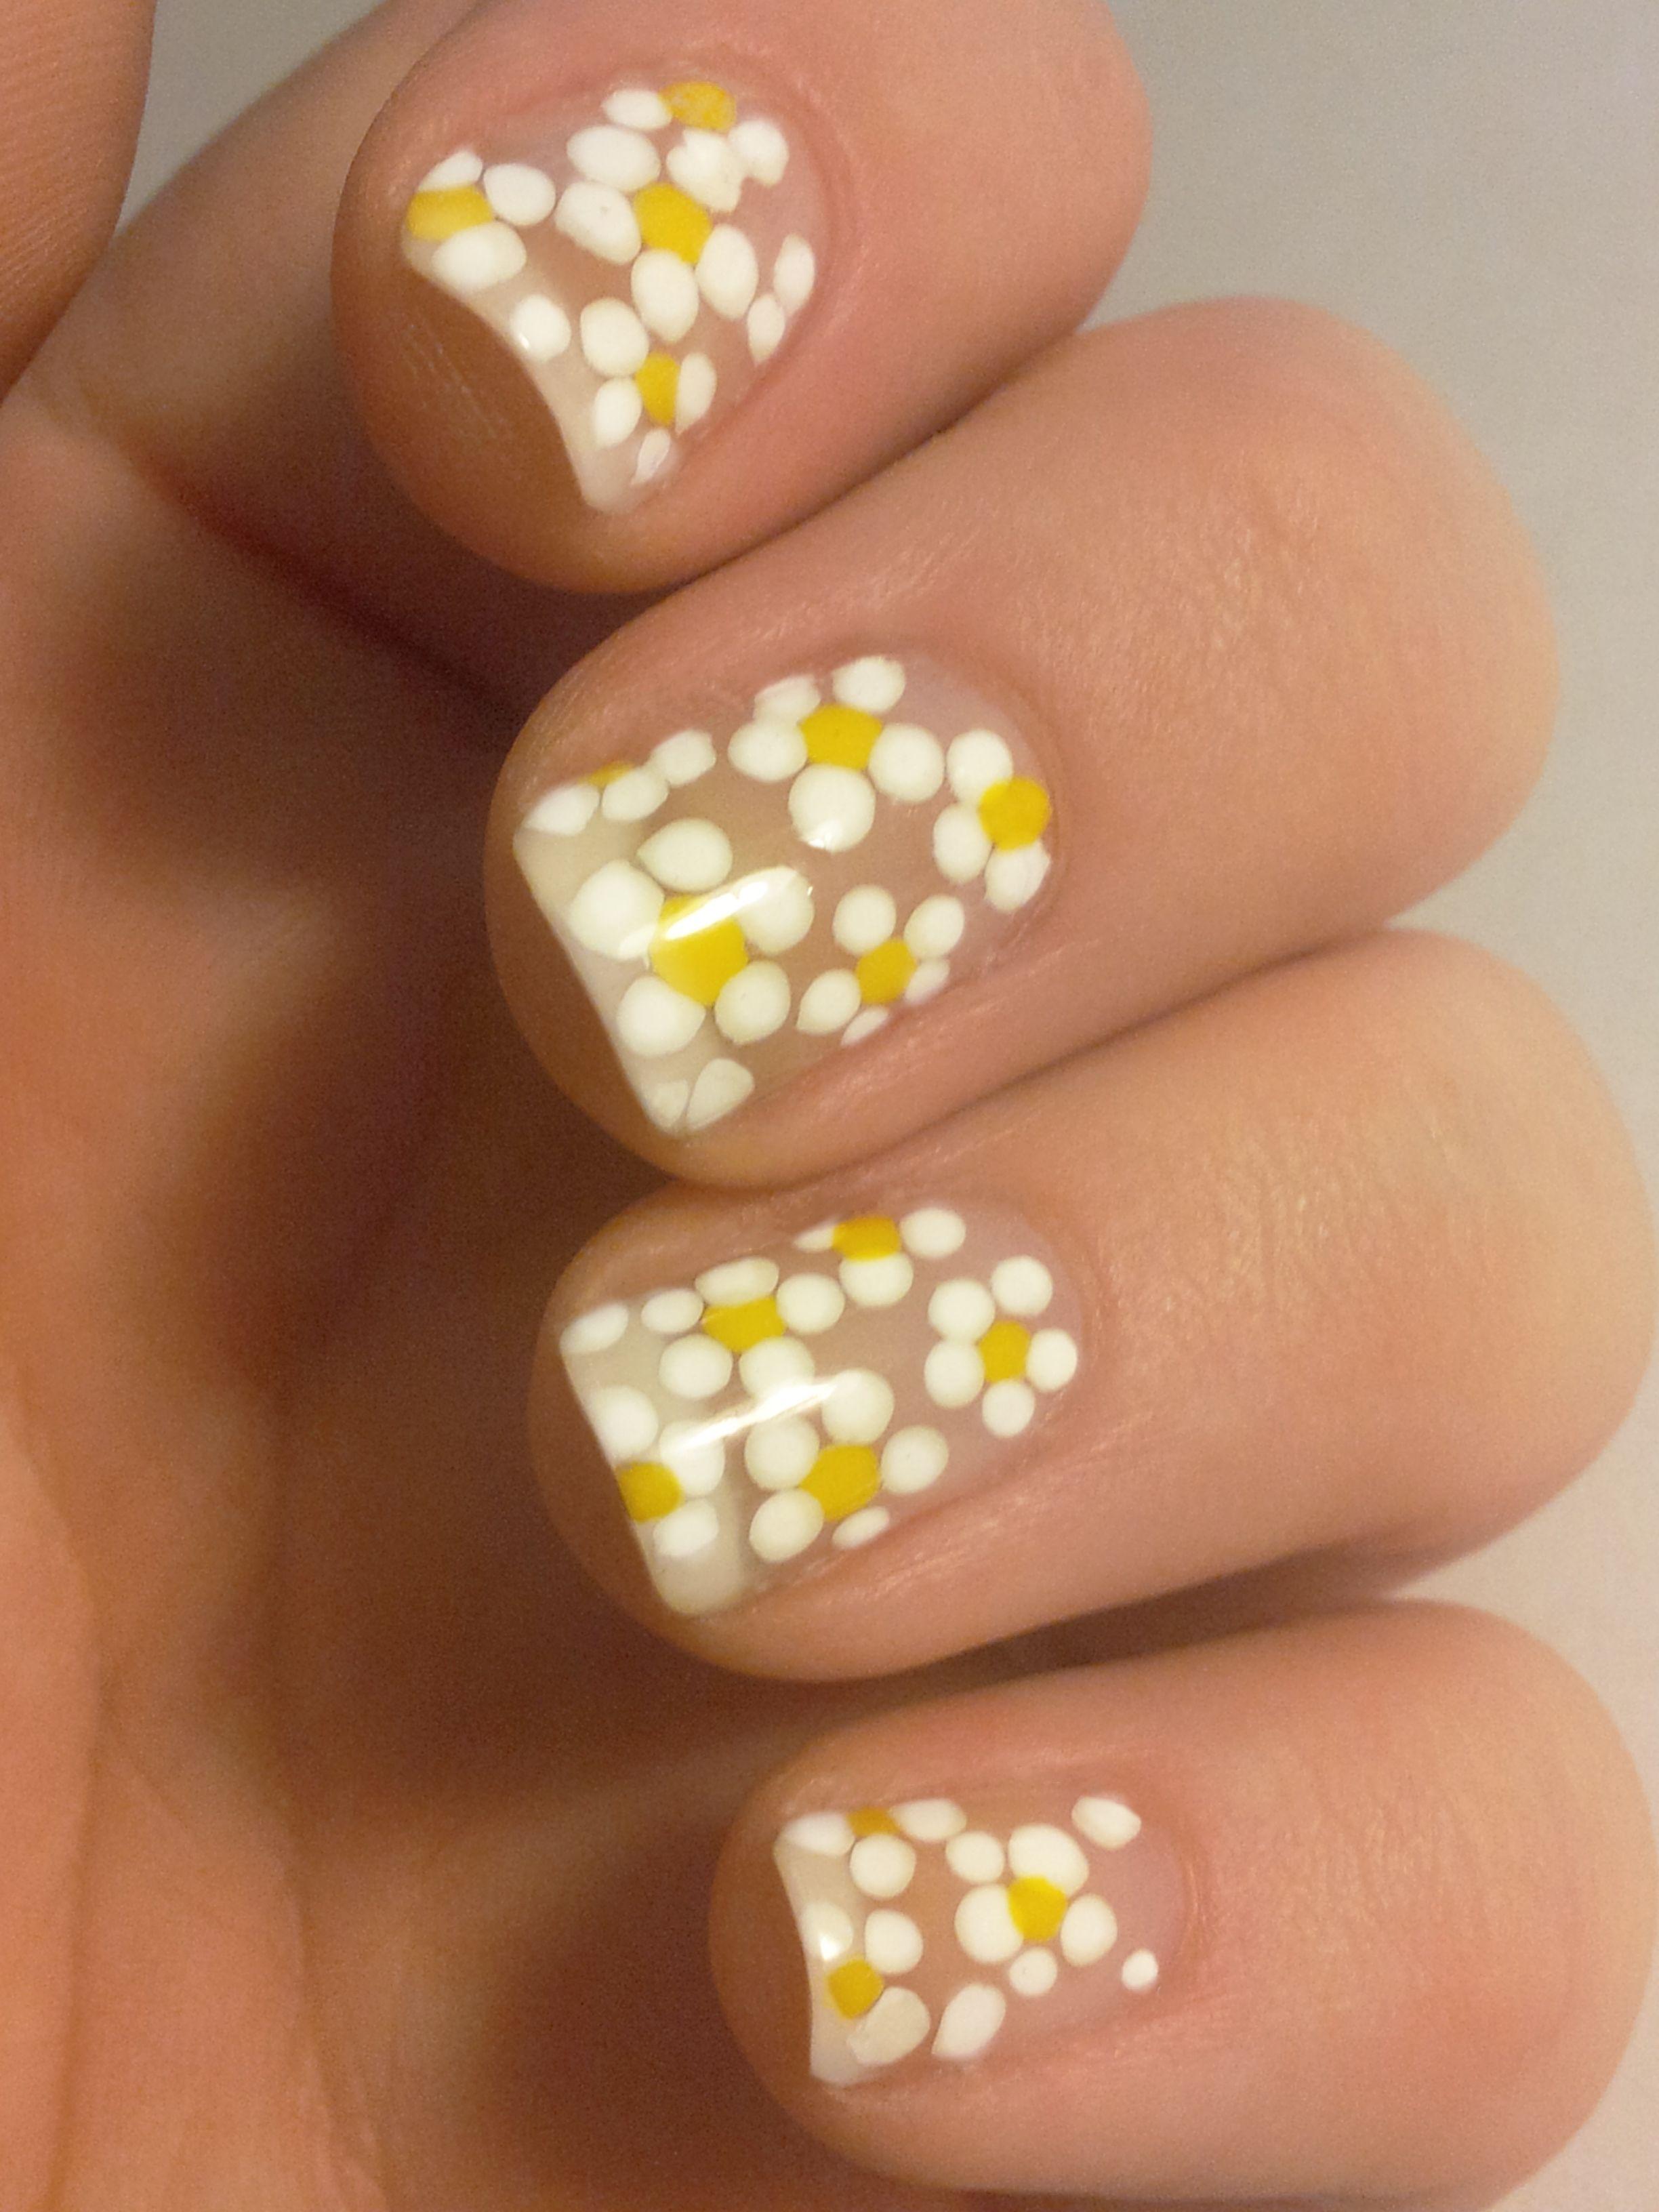 Daisies on natural nails | Nails | Pinterest | Natural nails and Art ...